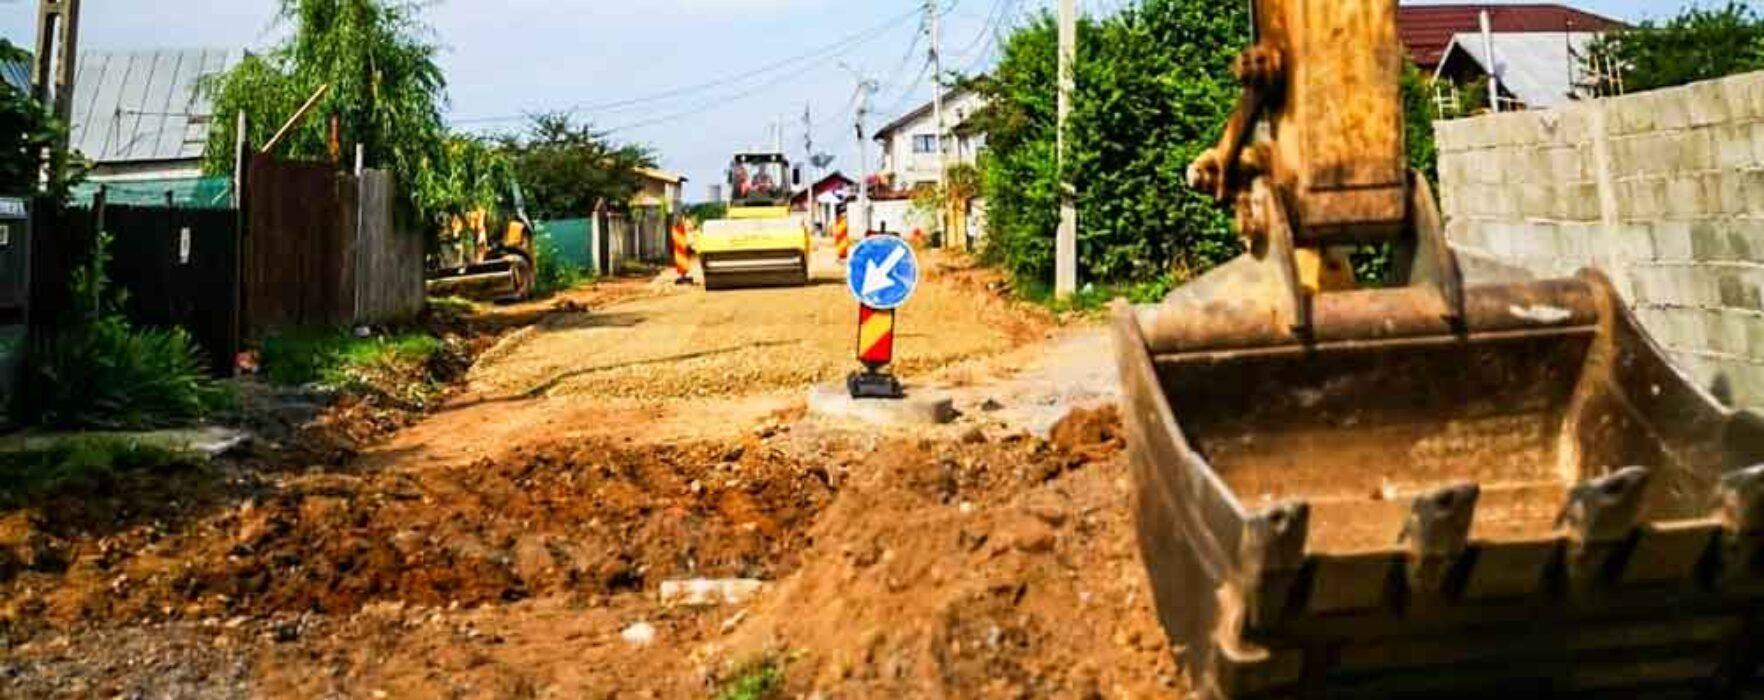 Târgovişte: Lucrări de modernizare a infrastructurii în Prepeleac